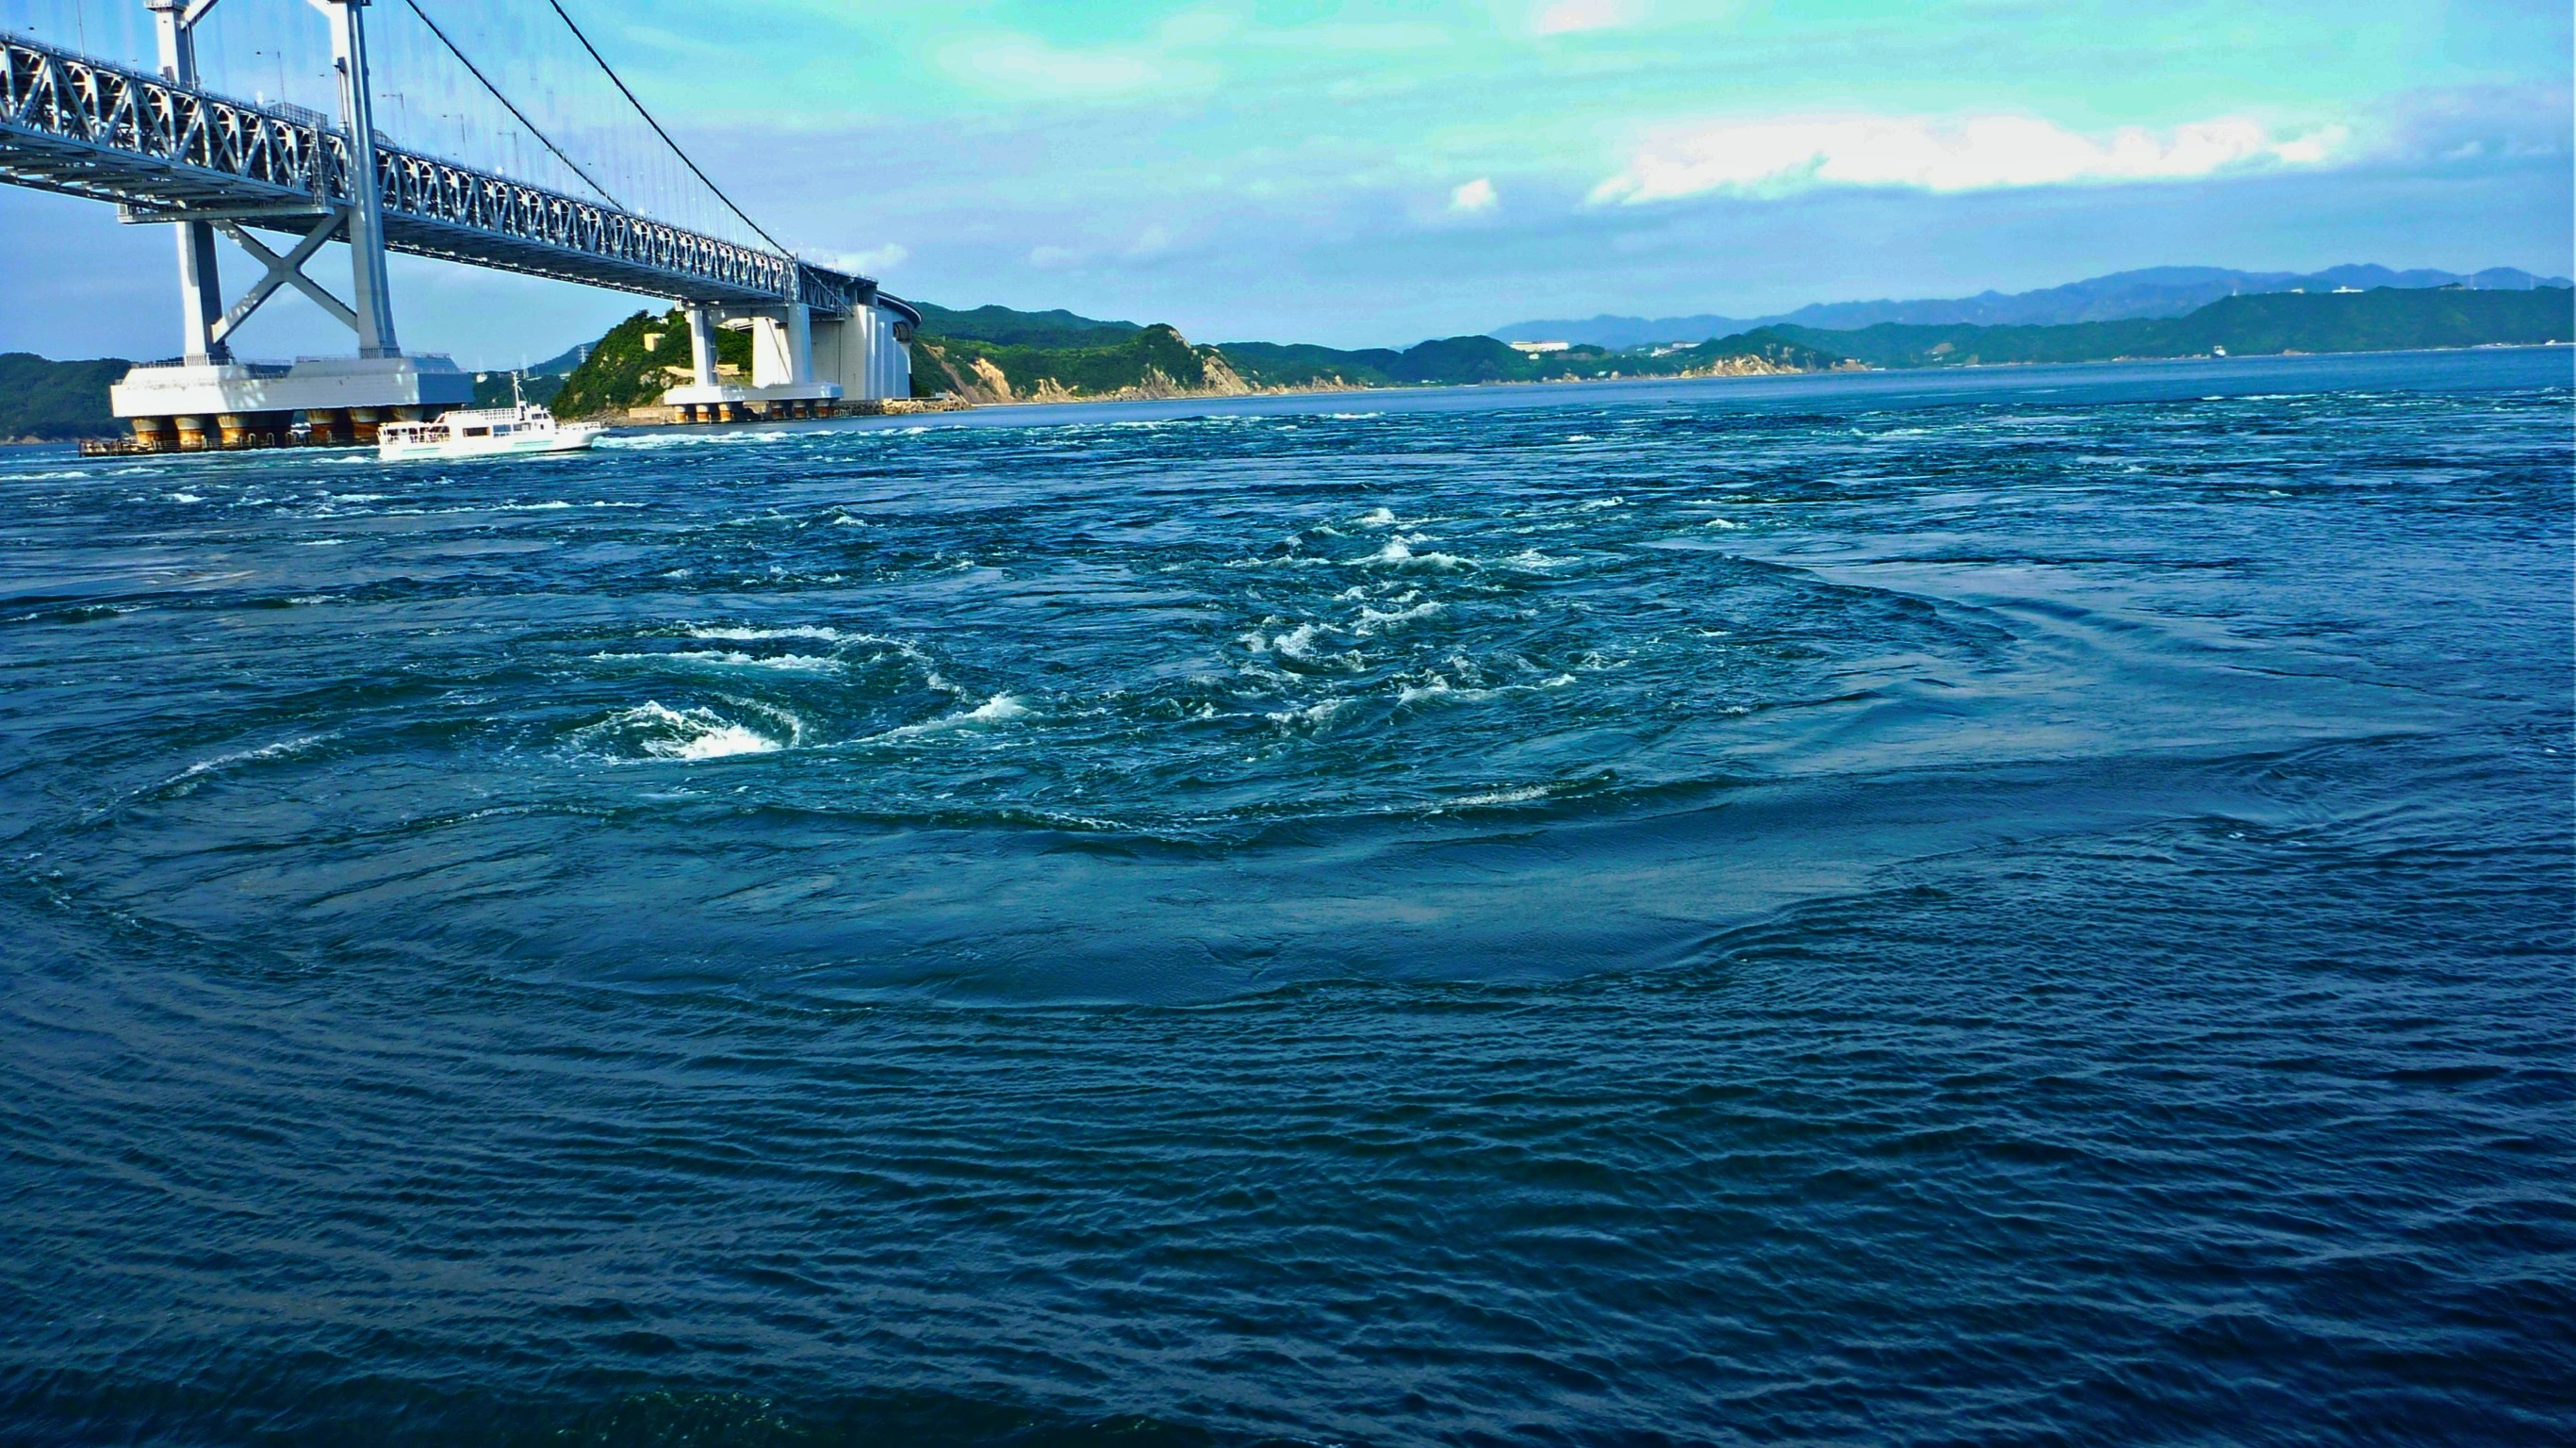 鳴門海峡の渦潮 鳴門海峡の渦潮 去年9月23日の満月 スーパームーンと渦潮・鳴門の海峡